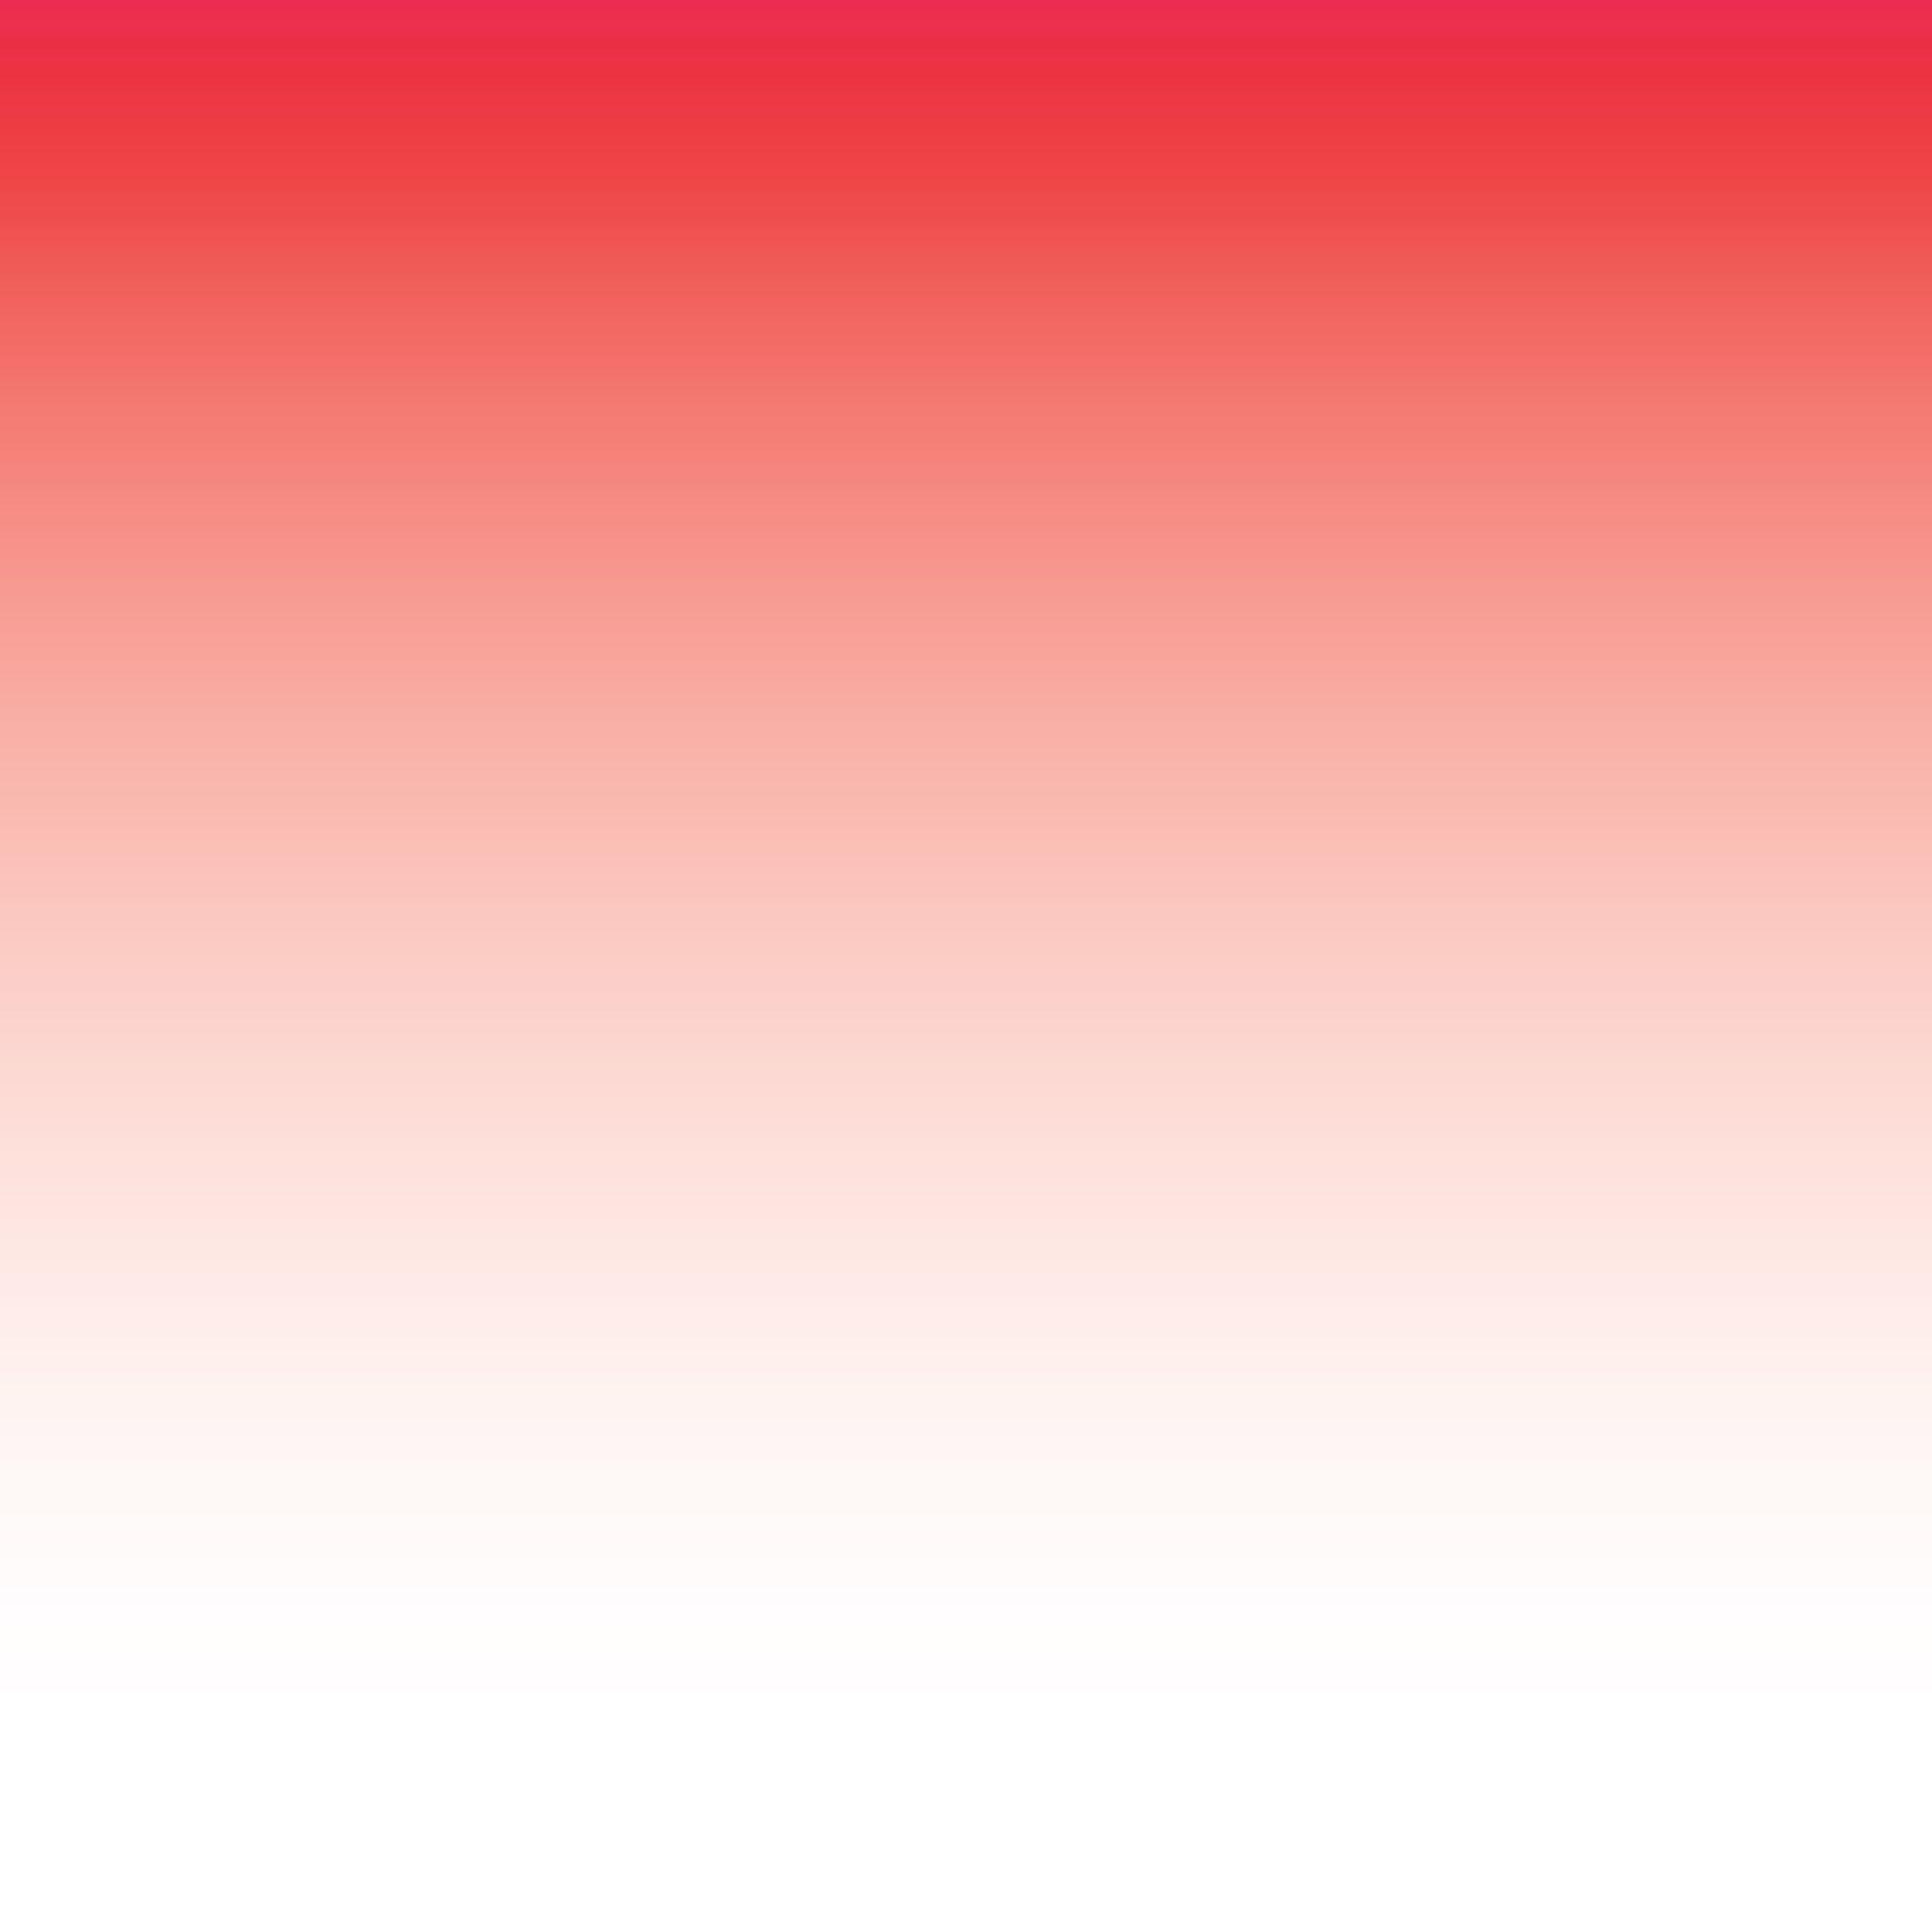 Dekoration - Stickers und Tapeten - Sunset Tapete / 2 Bahnen - Bien Fait - Grenadine / weiß - imprägniertes Papier